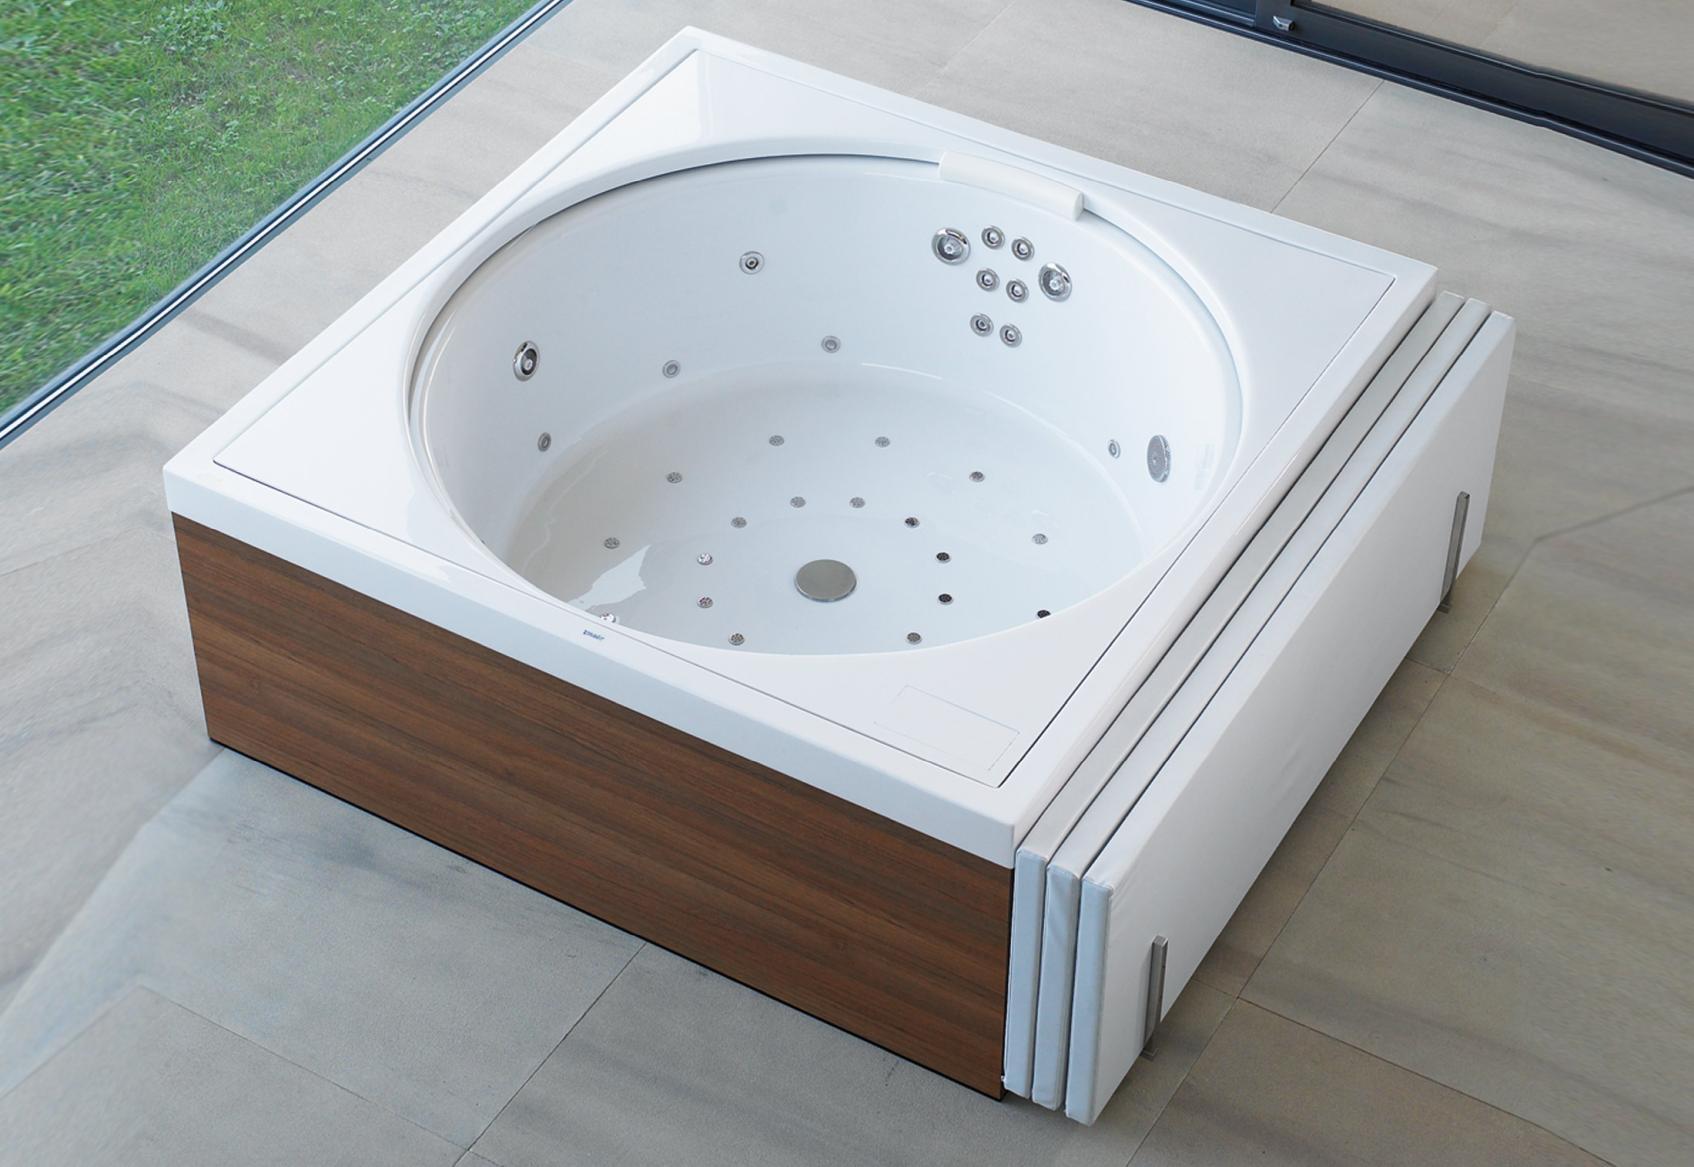 Duravit Blue Moon łazienka W Stylu Spa Lub Wanna Spa W